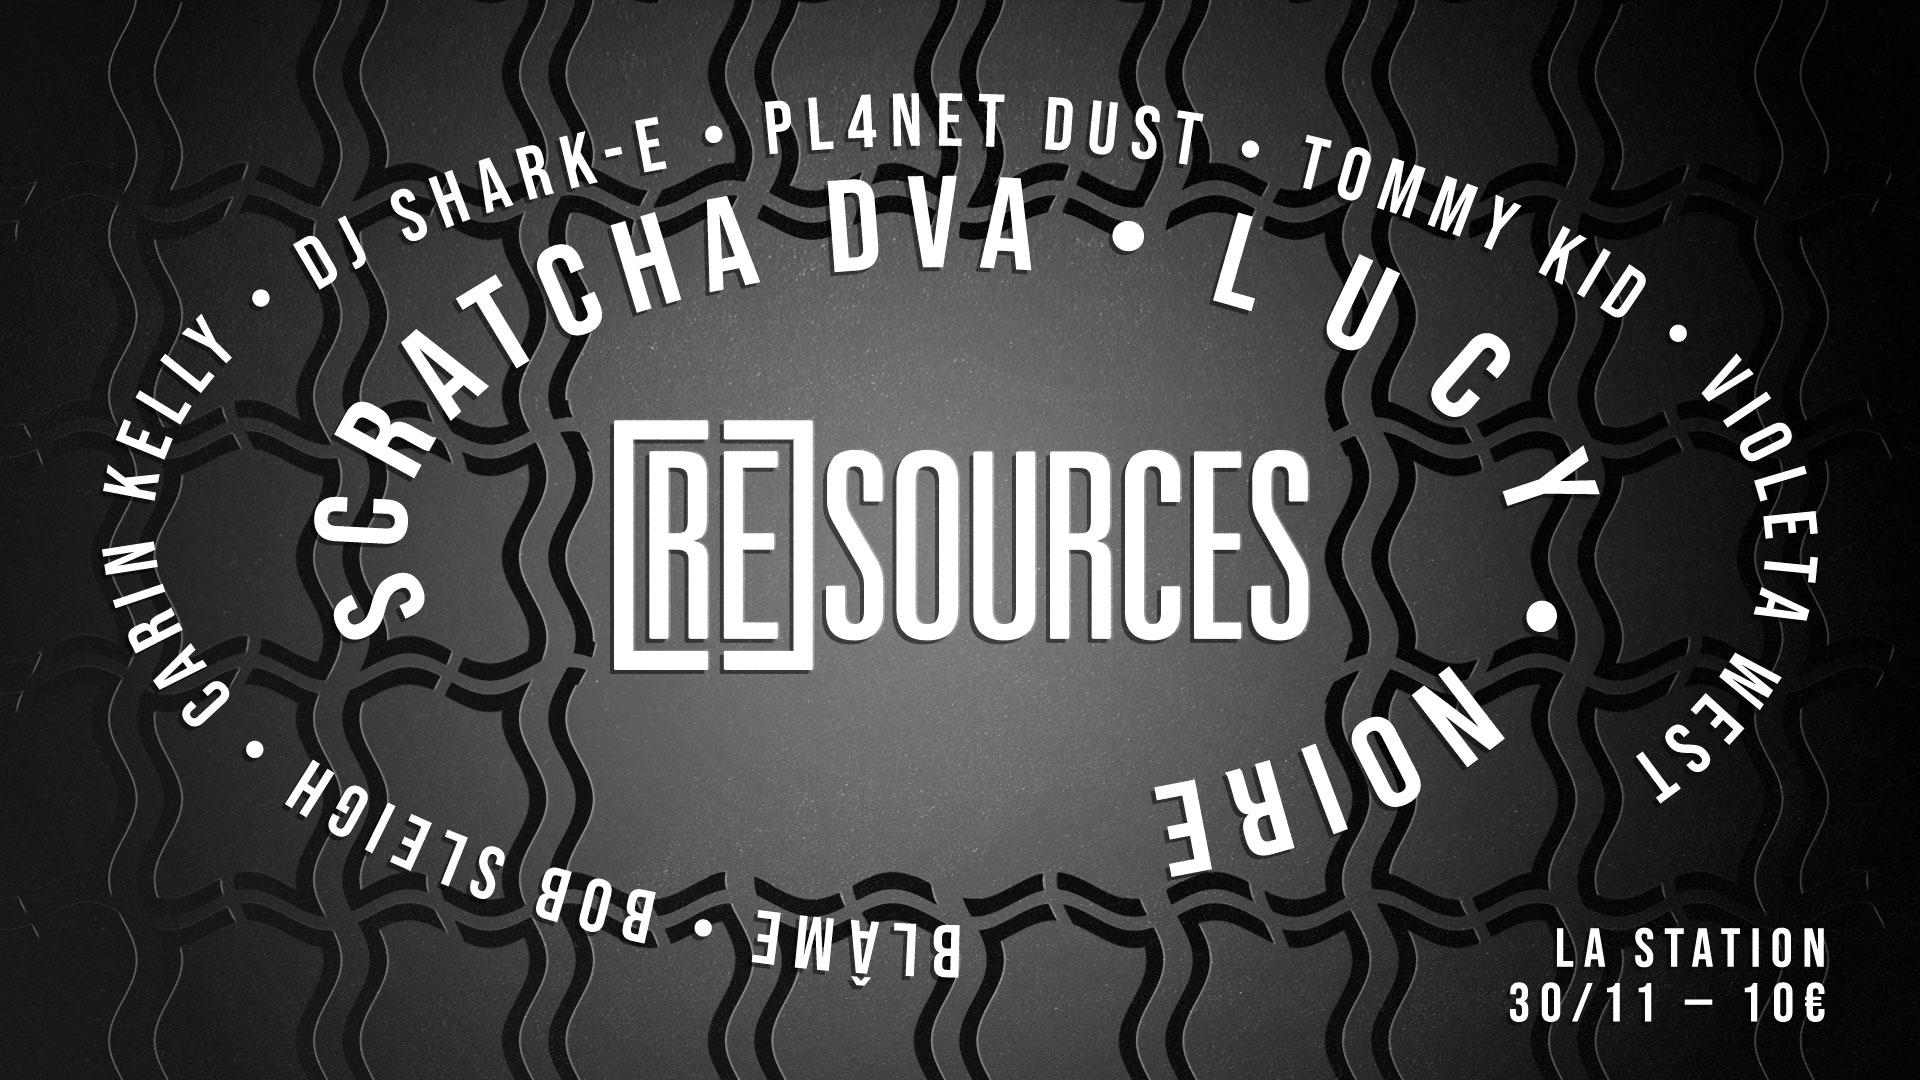 Resources avec Scratcha DVA, L U C Y, Noire, Violeta West & more